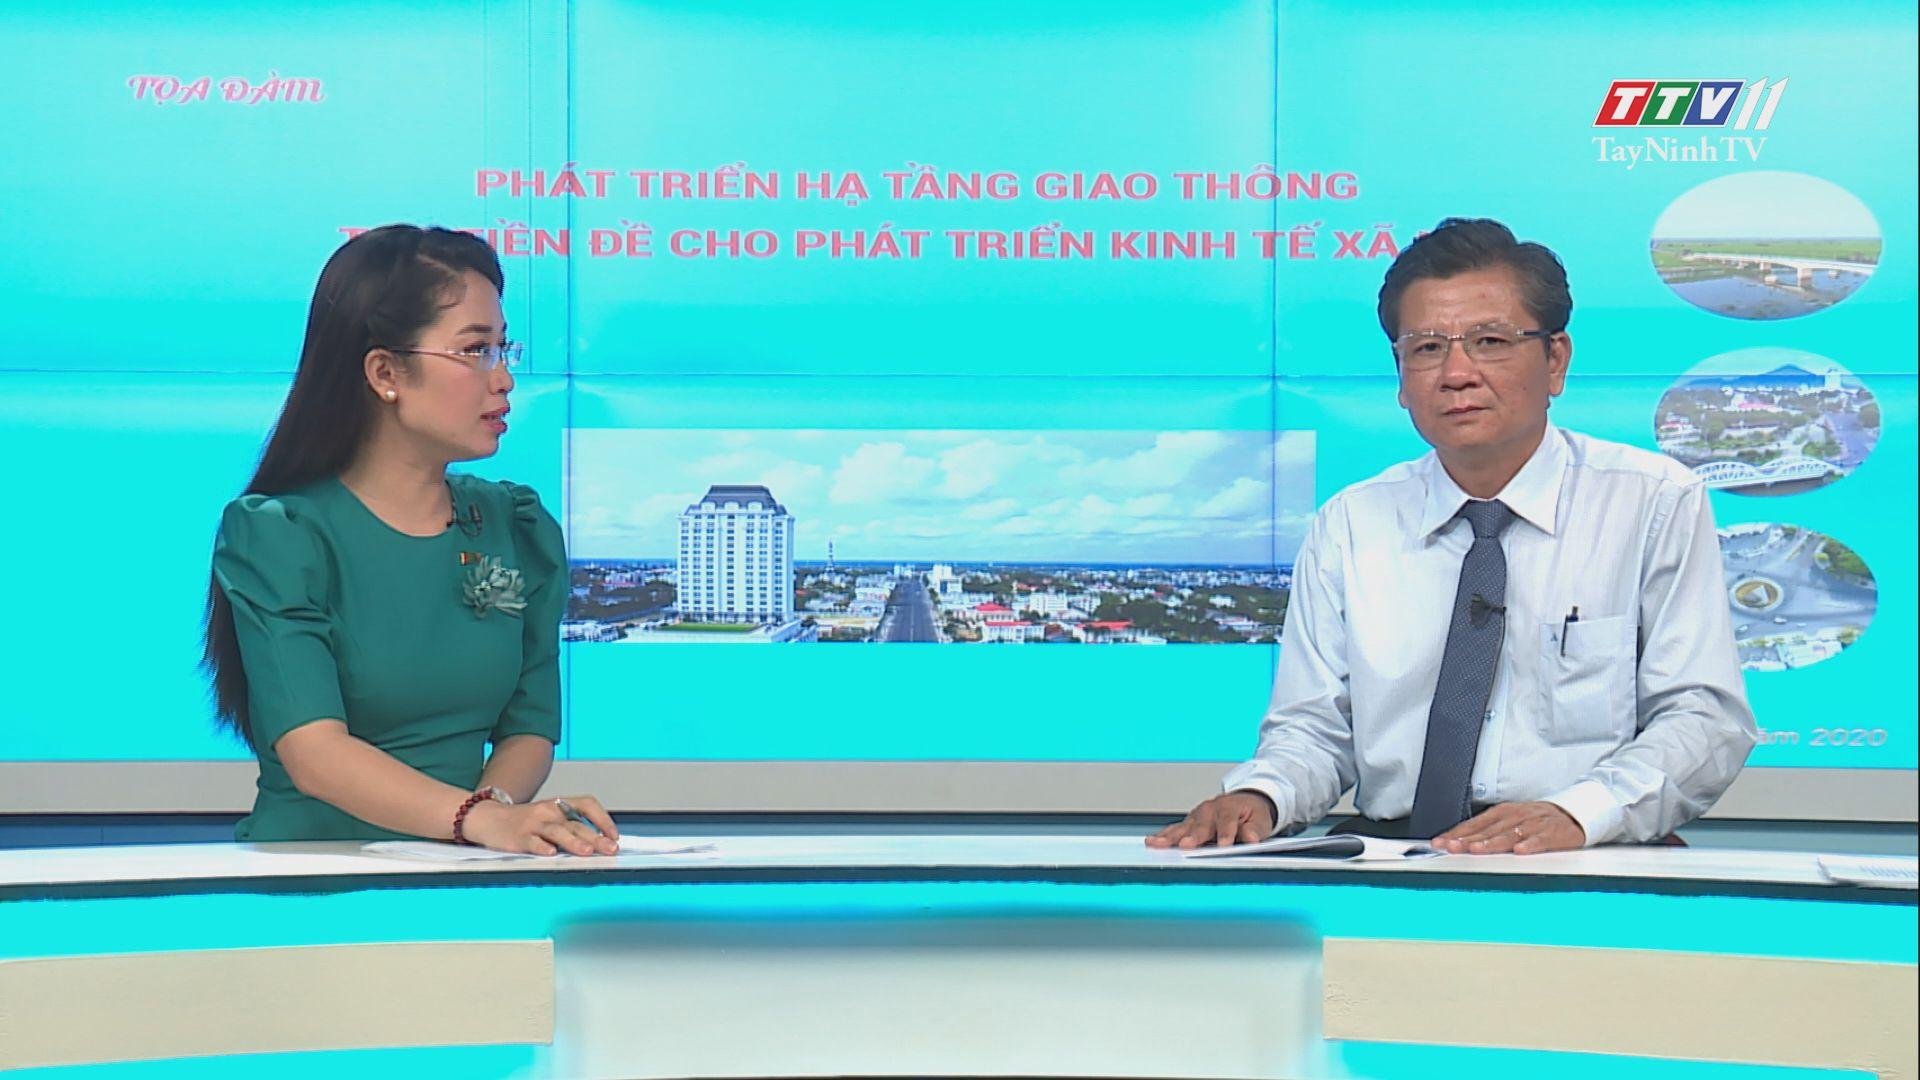 Phát triển hạ tầng giao thông tạo tiền đề cho phát triển kinh tế xã hội | TIẾNG NÓI CỬ TRI | TayNinhTV